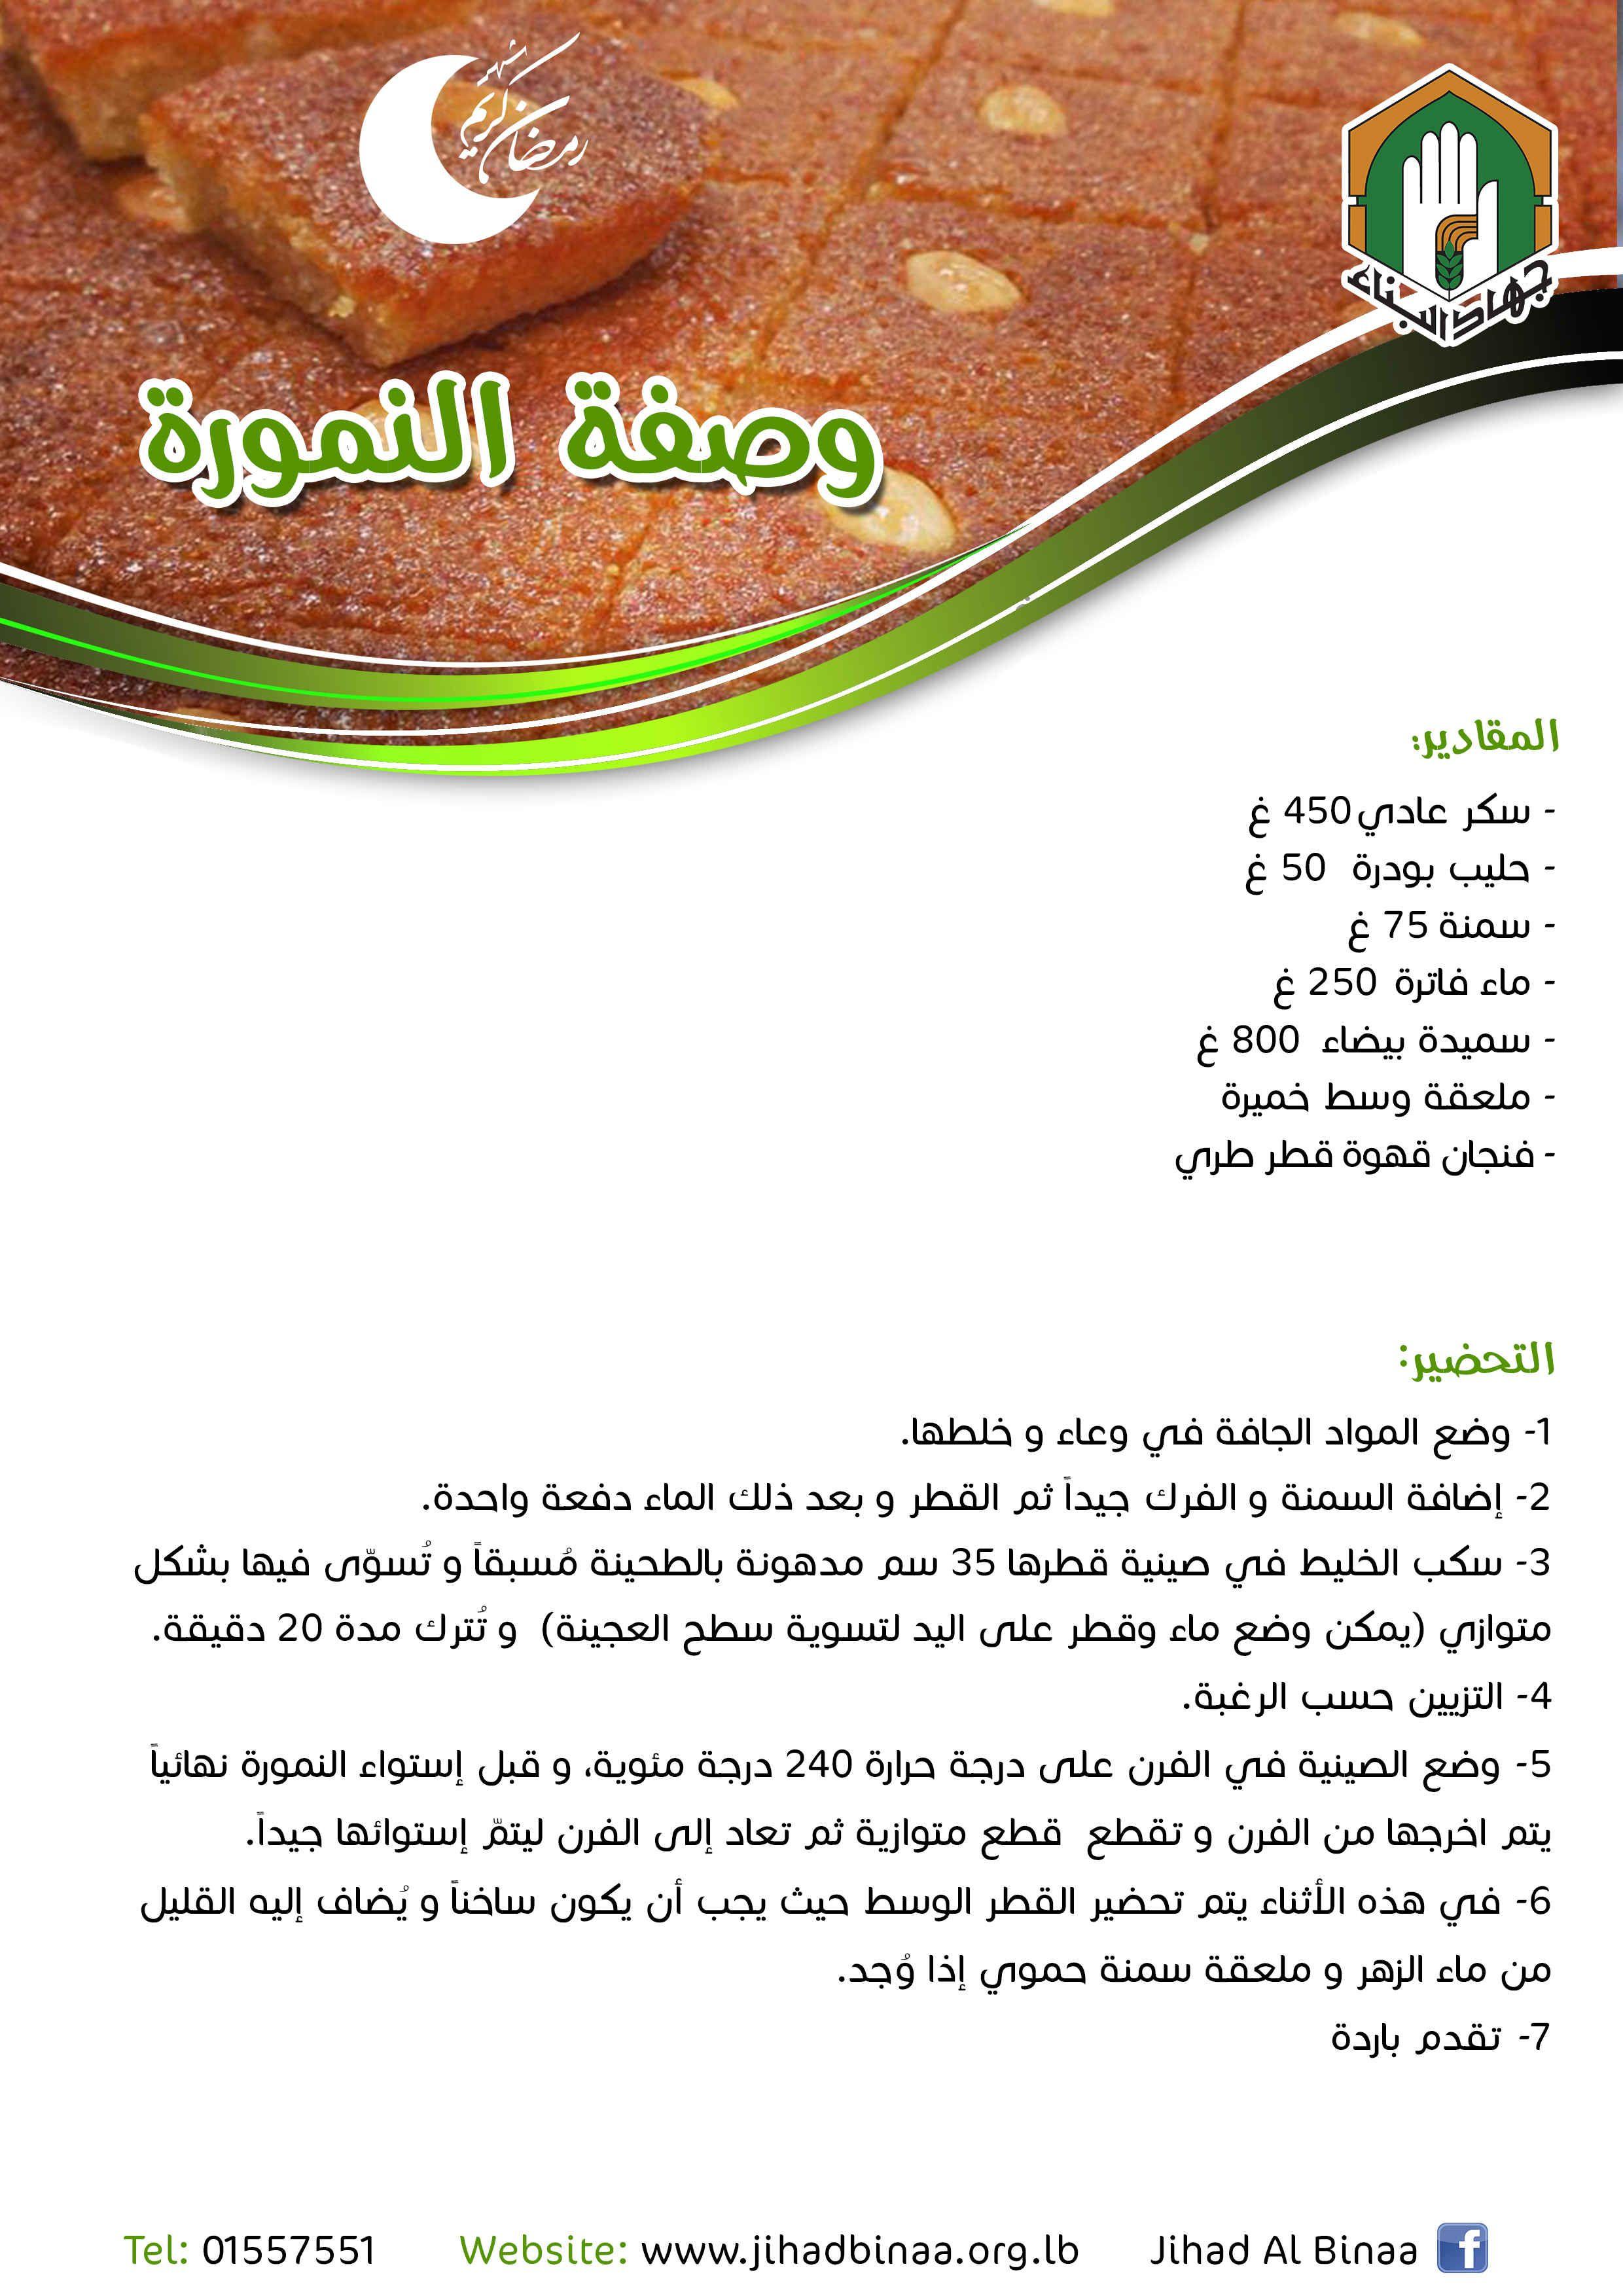 وصفات وحلويات رمضانية نمورة Arabic Food Yummy Food Arabic Sweets